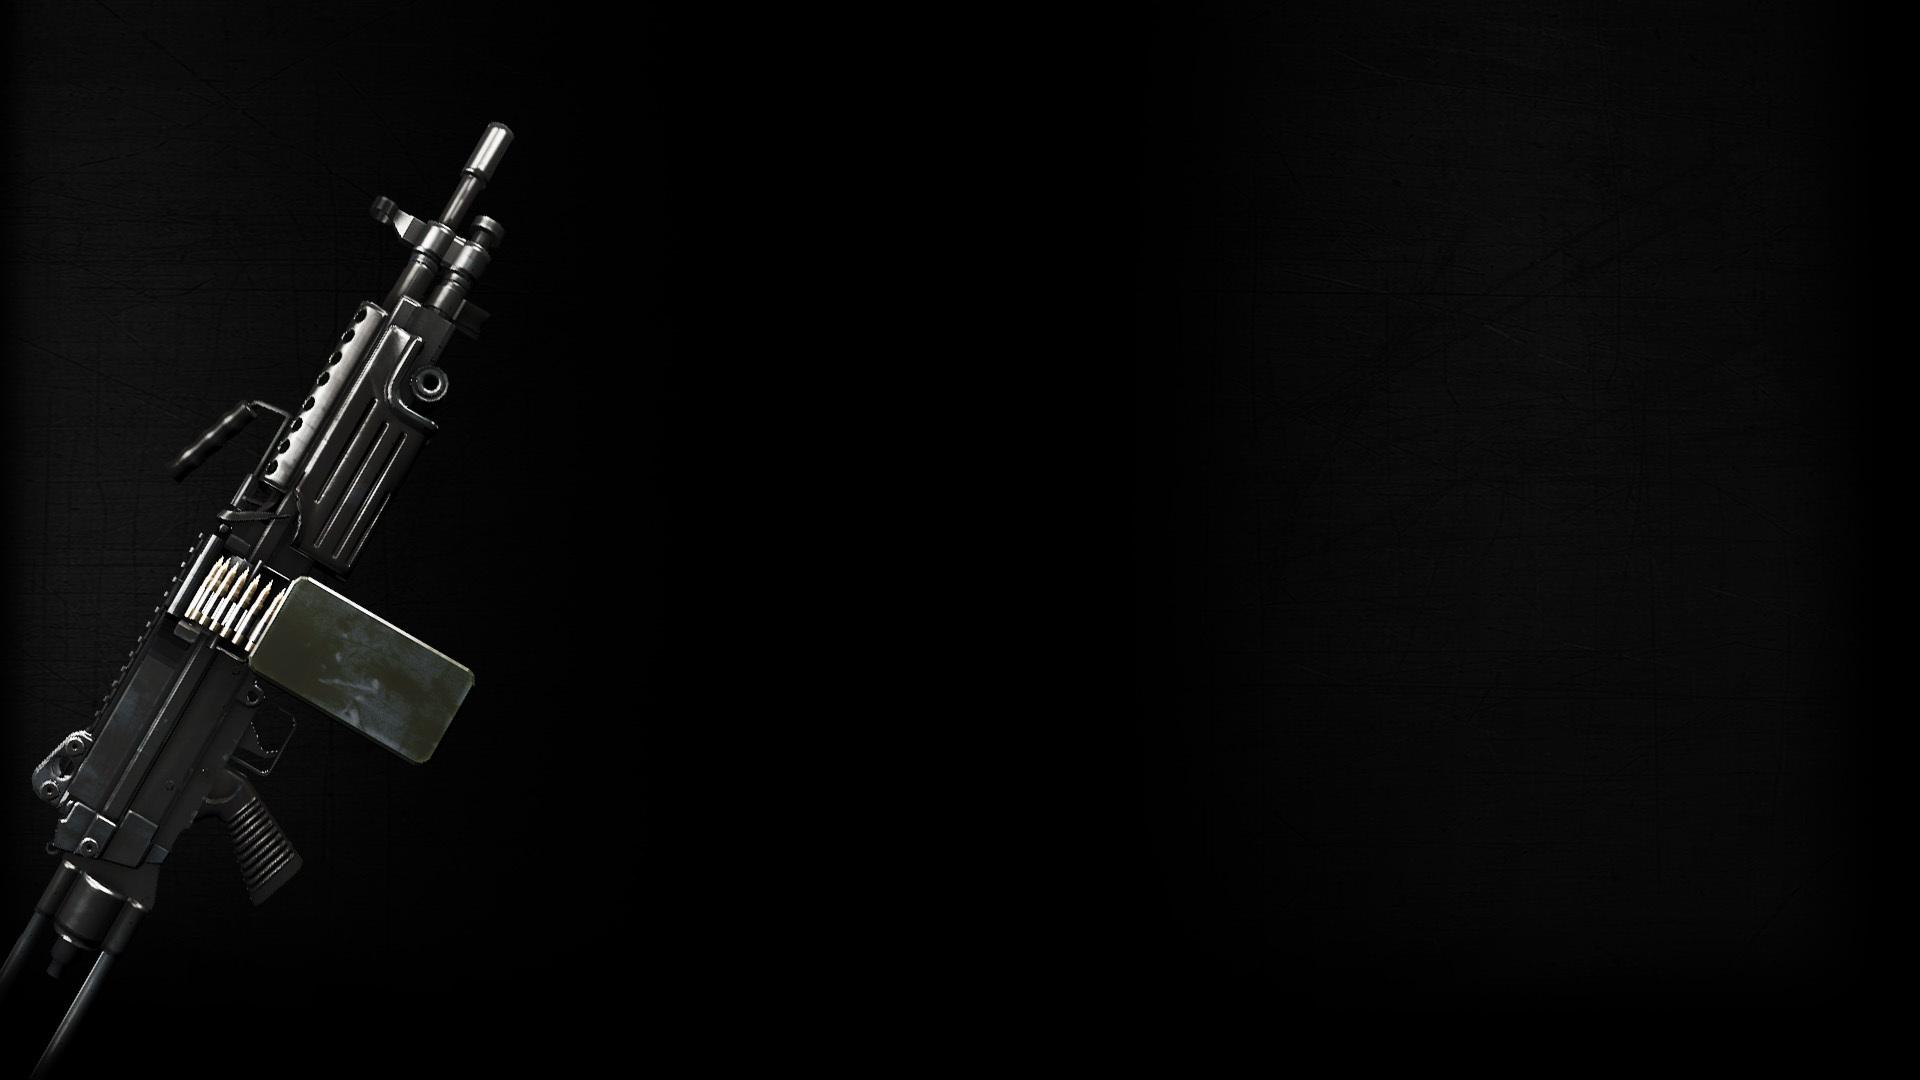 image - rambo the video game background heavy machine gun